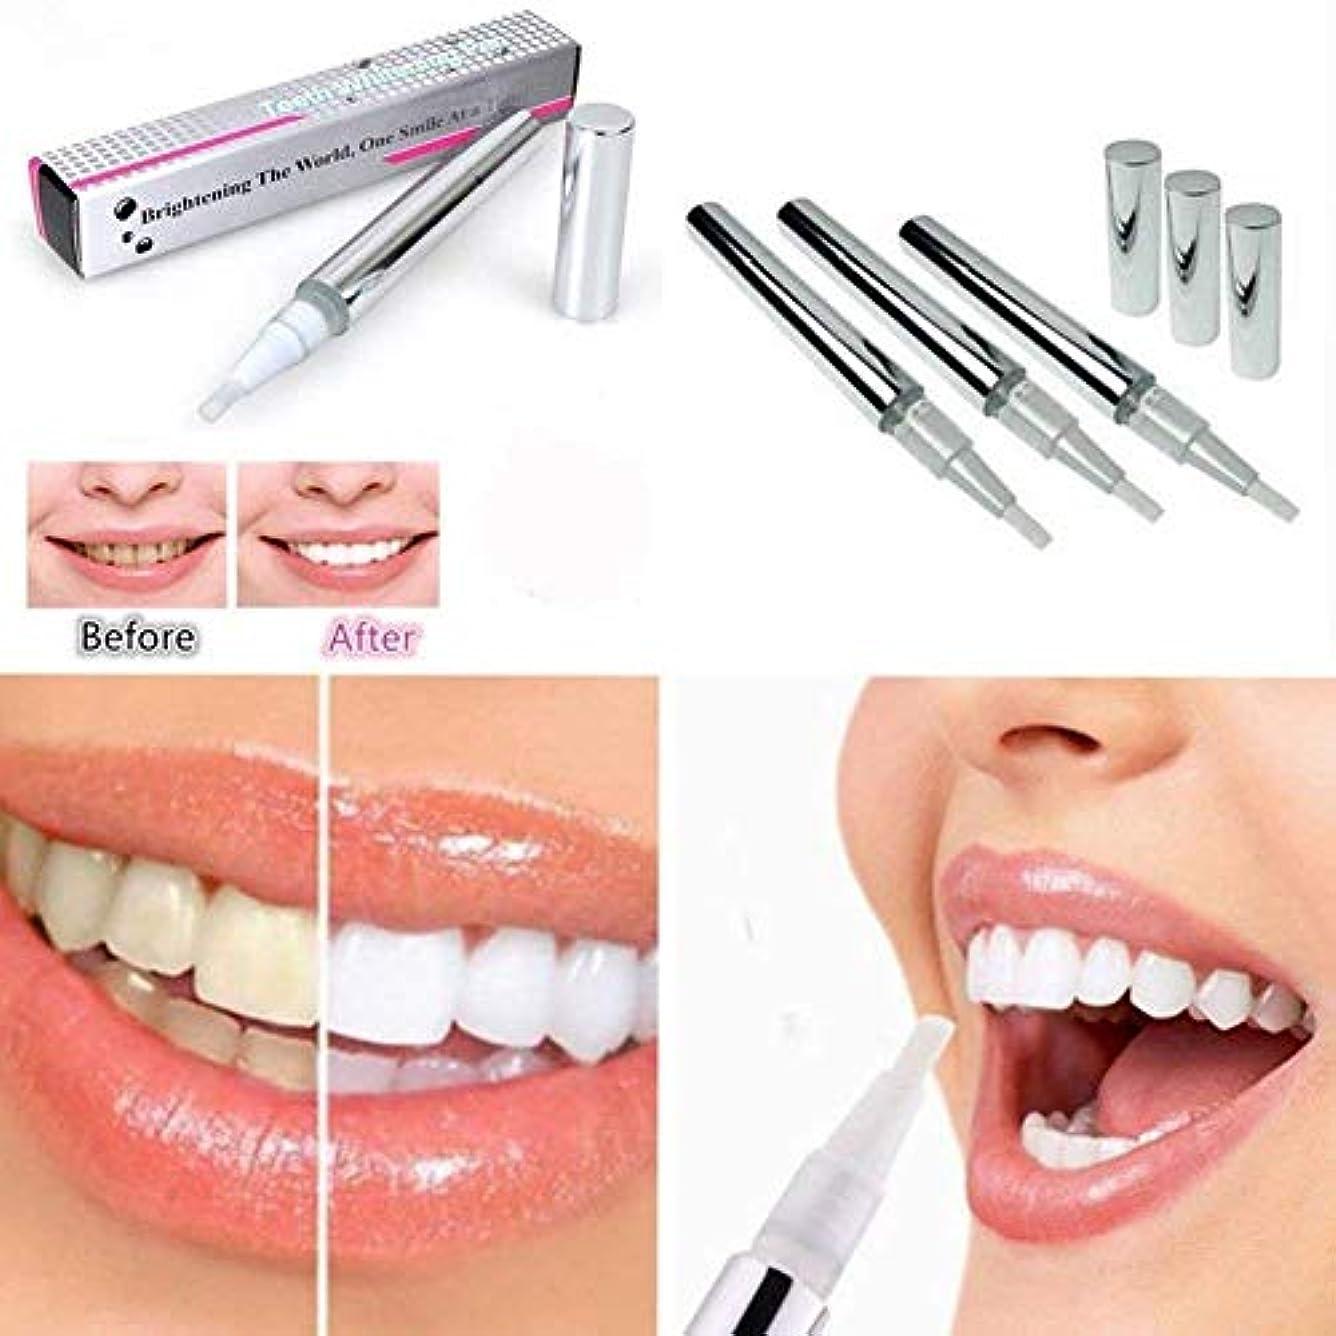 公式市場コマースVIPITH歯のホワイトニングペン美白歯ゲルホワイトニングペン 歯ブラシ 輝く笑顔 ワイン/喫煙などの汚れを除去する口臭防止 歯周病防止 2本